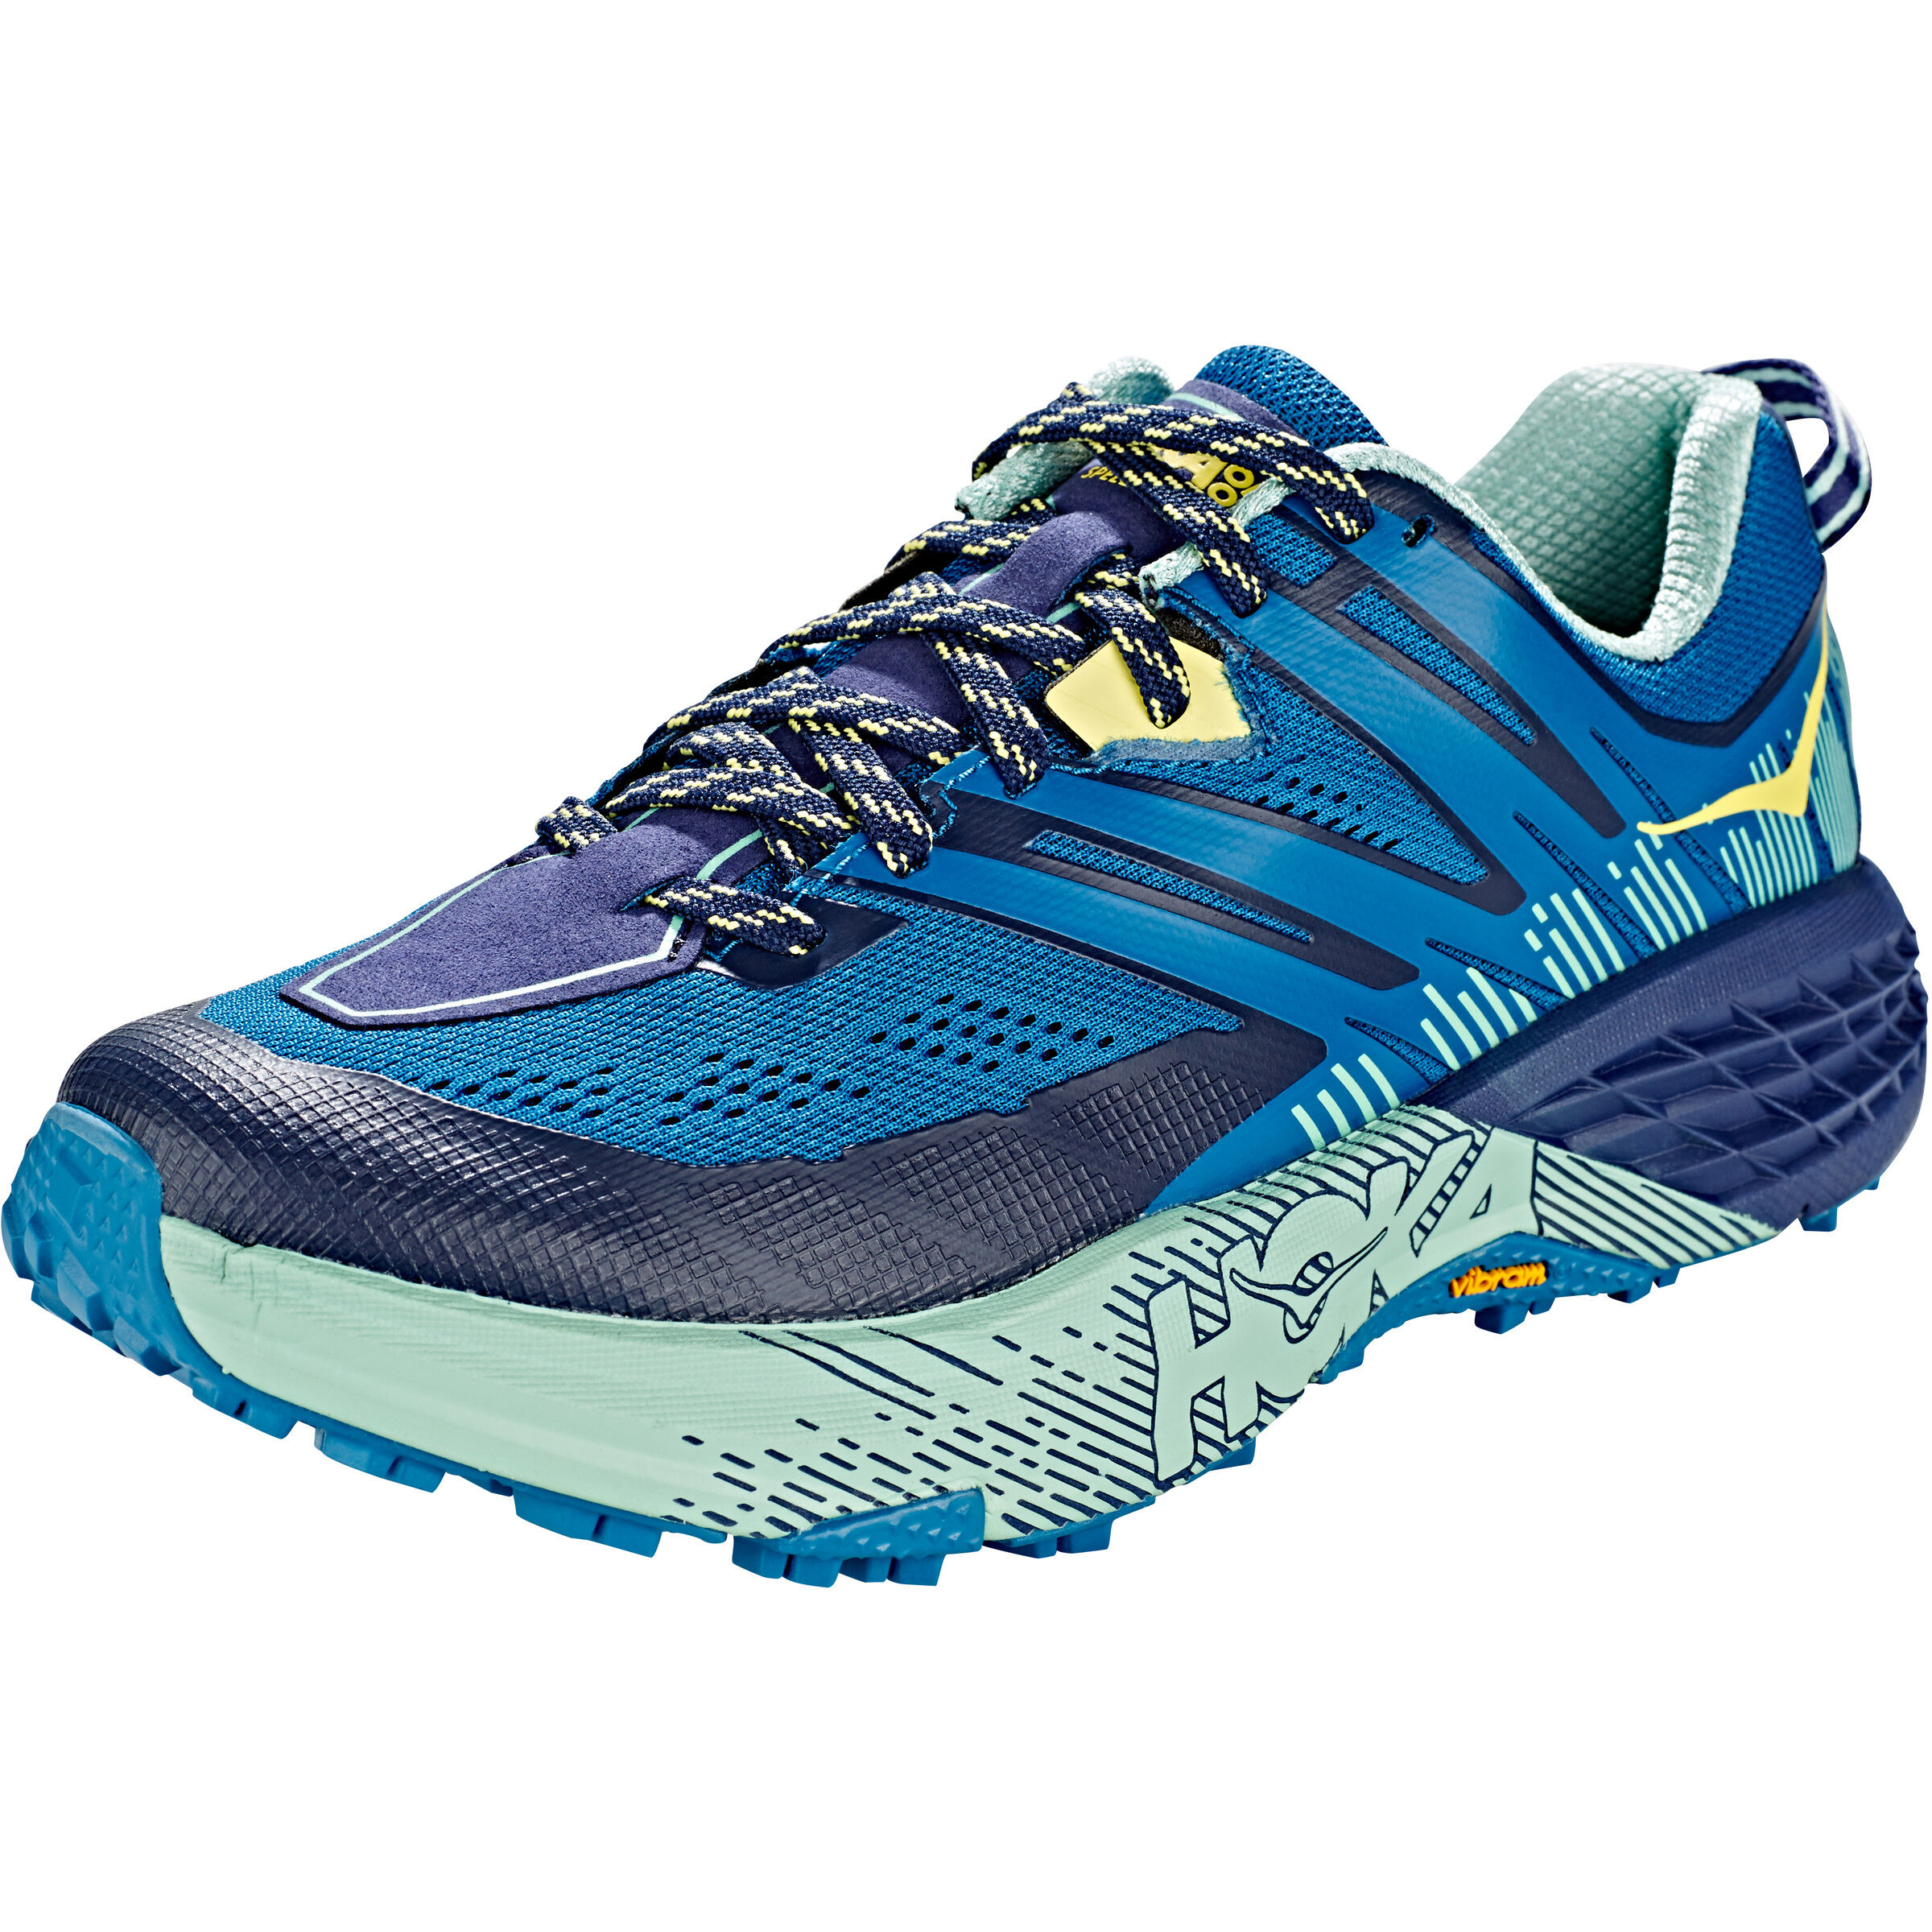 Trail Running Schuhe günstig online kaufen |